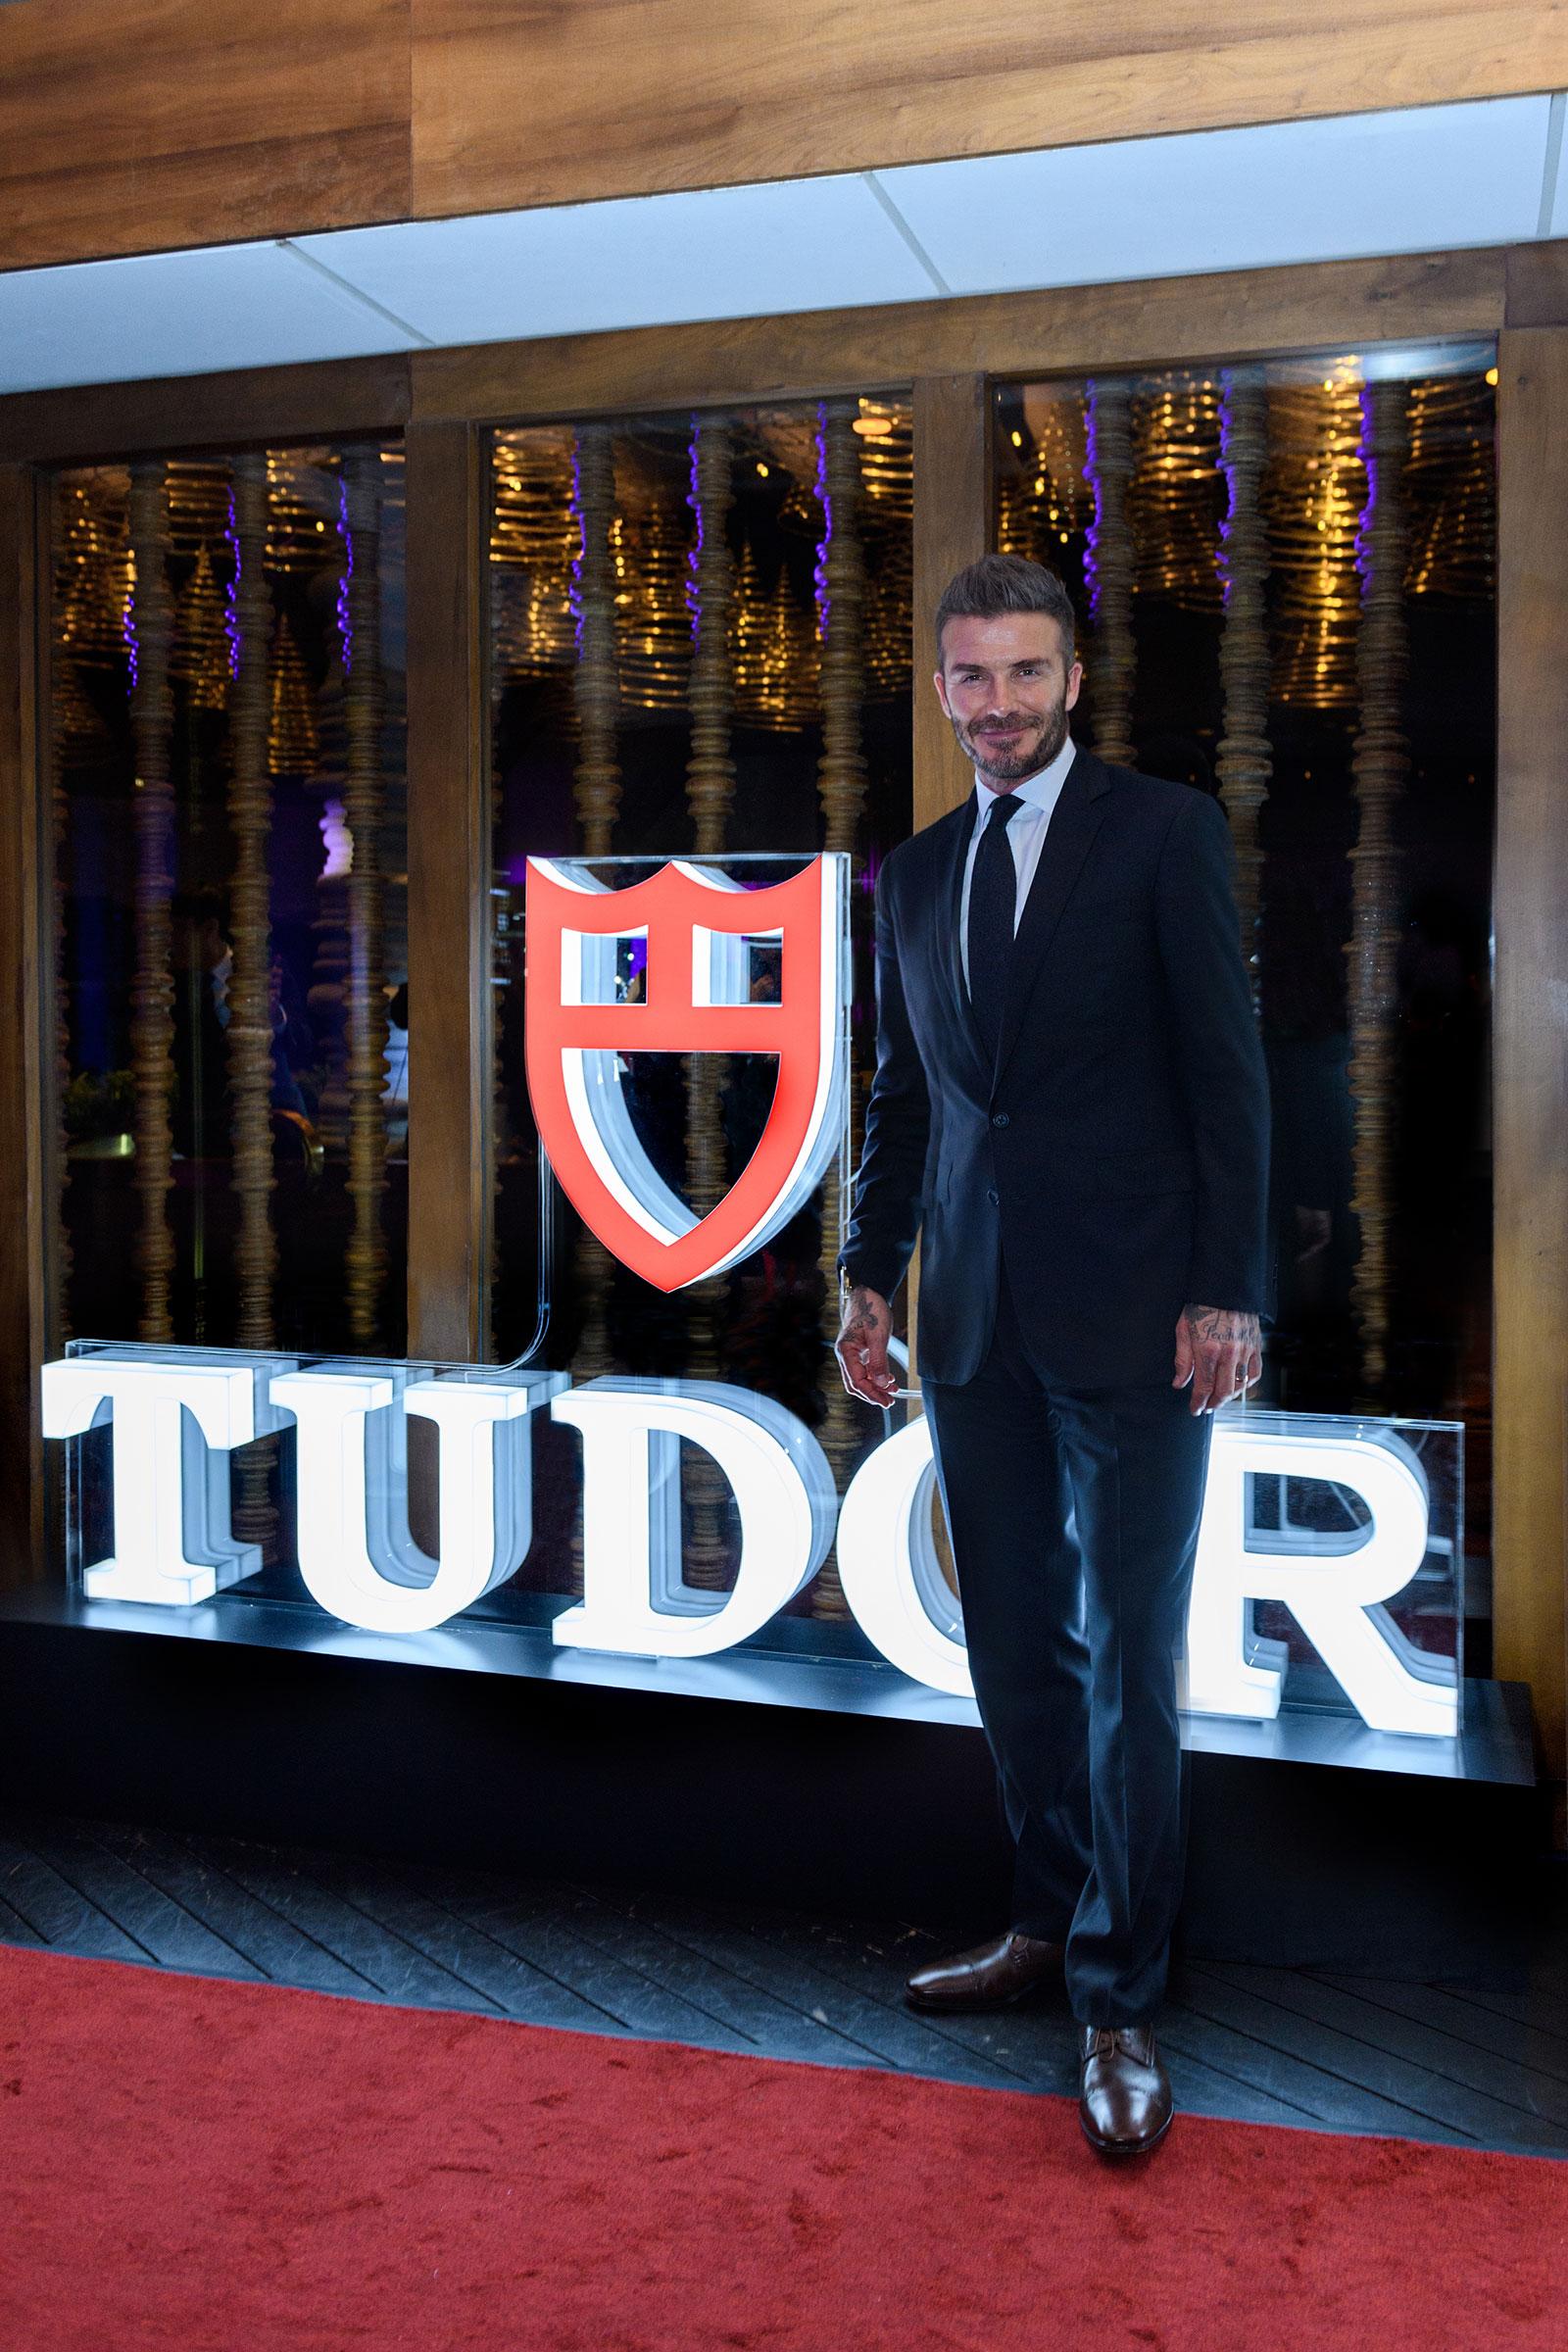 David Beckham Tudor Singapore 2